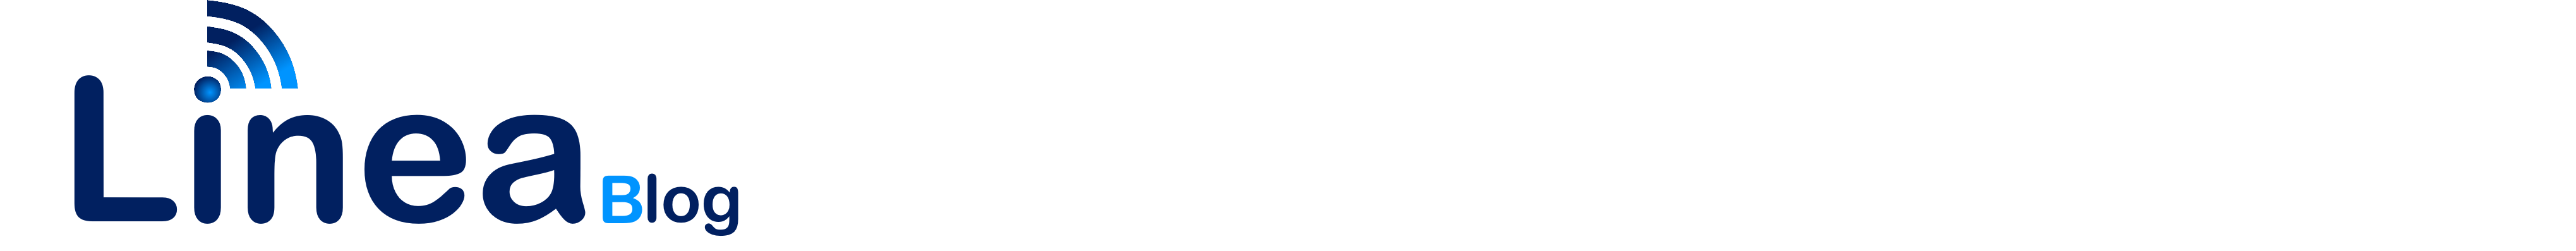 Línea S.A.S. Blog Logo